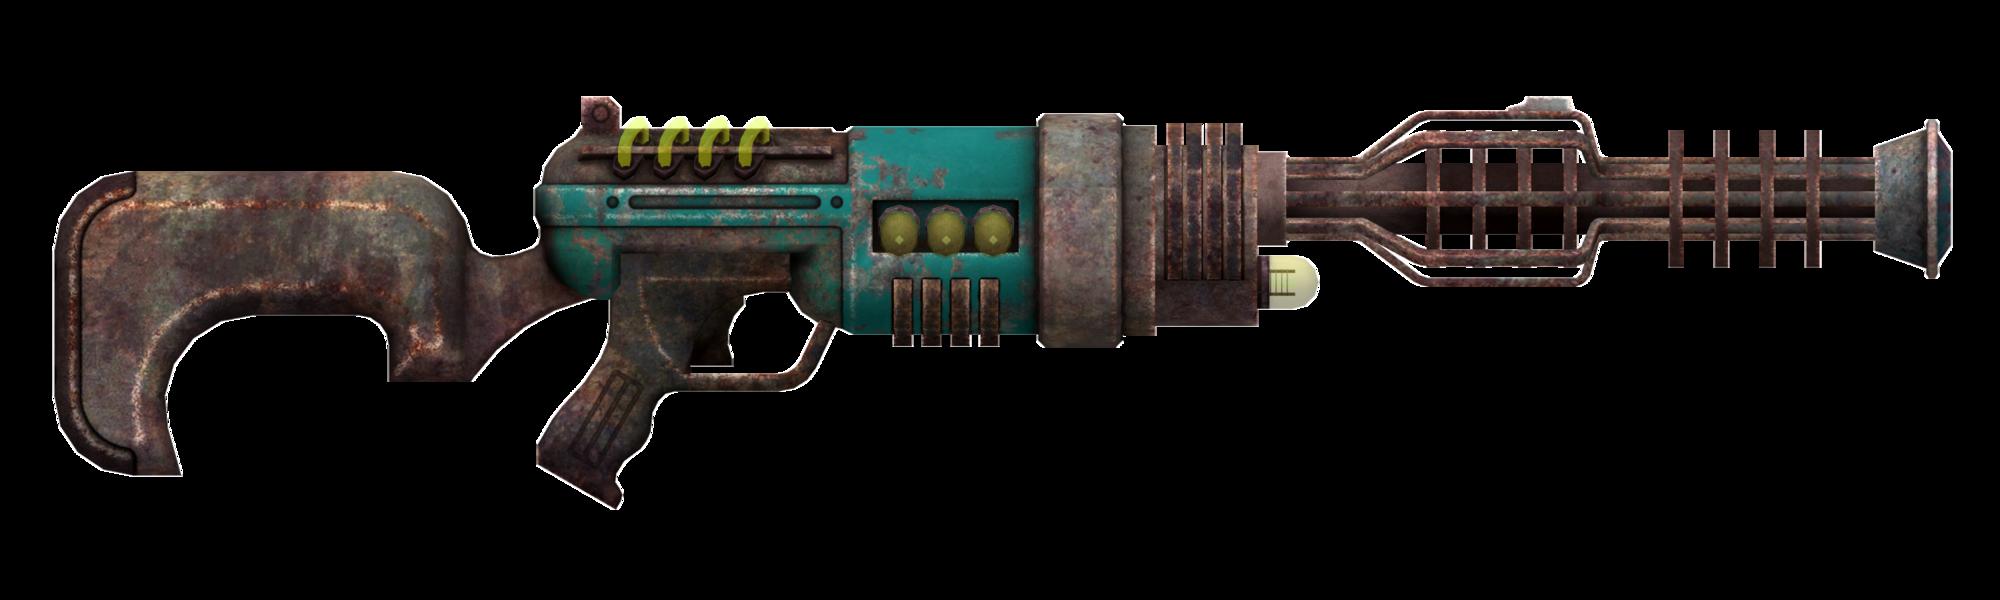 PNG Laser Gun - 46775